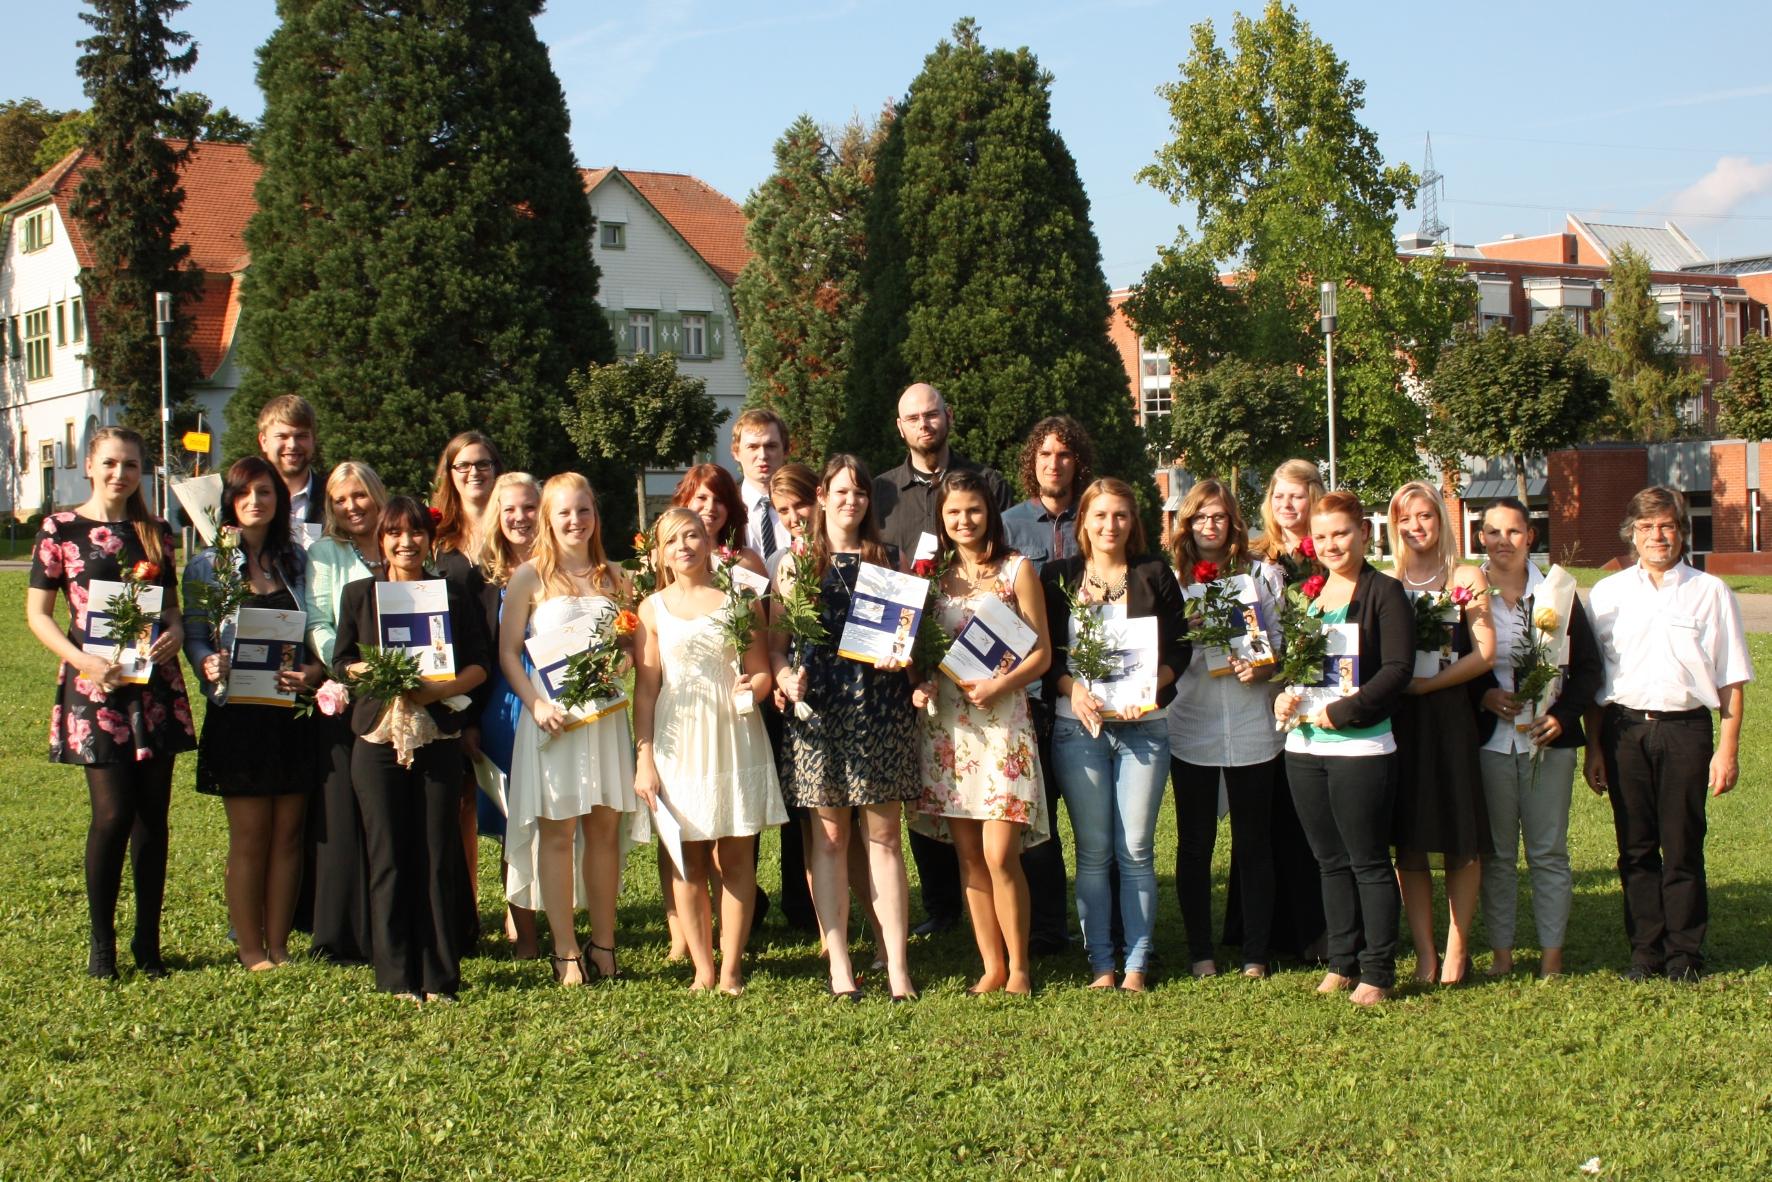 Große Freude über die bestandene Abschlussprüfung bei 22 BZG-Absolventinnen und -Absolventen und Kursleiter Bernhard Pfeifer (ganz rechts). (Foto: BZG)